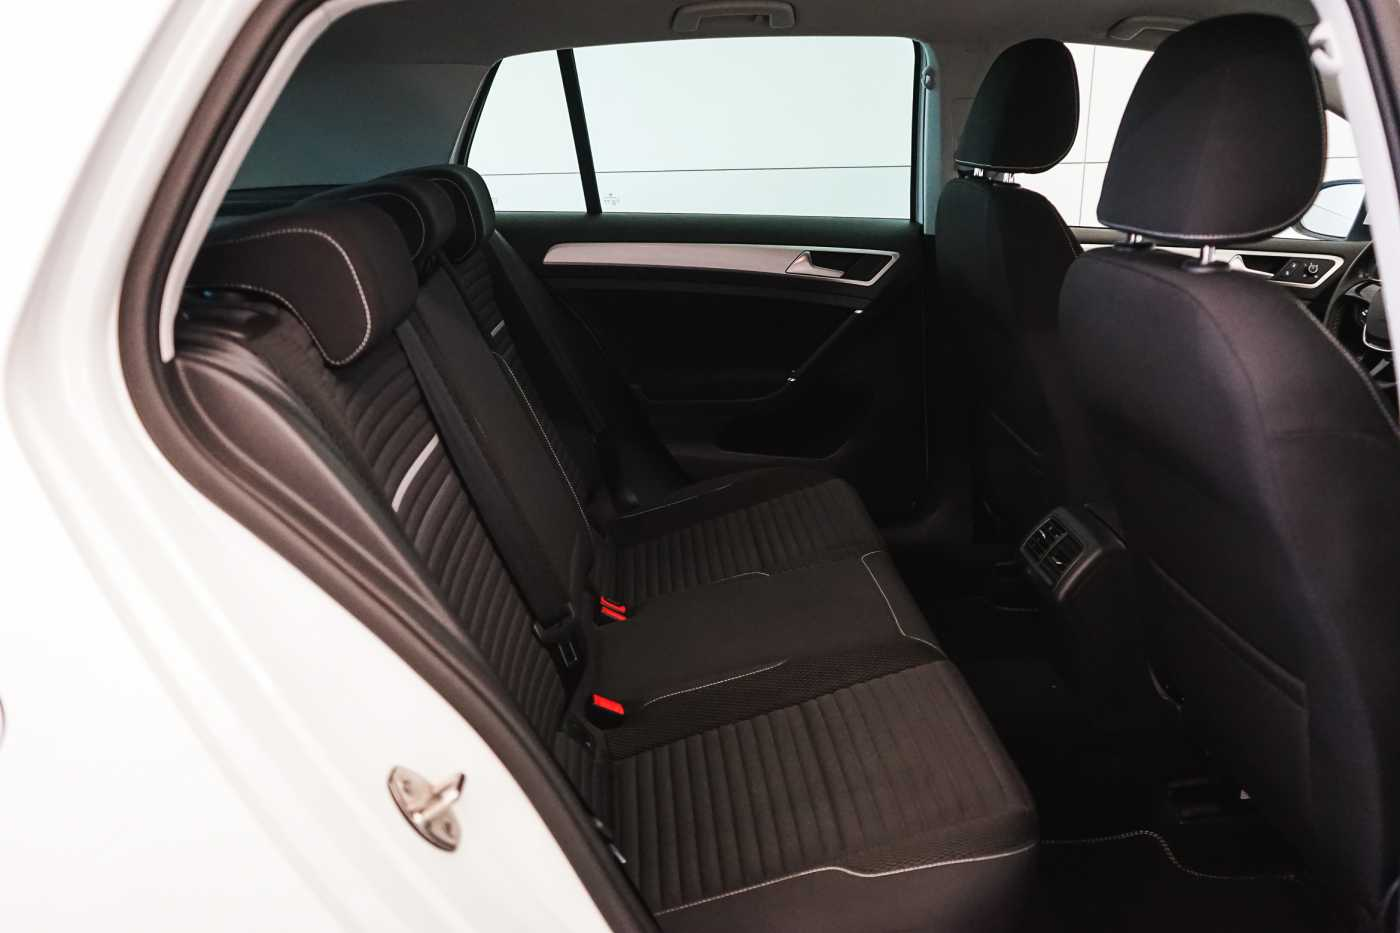 Volkswagen Golf Mark 7 (2013) 1.2 TSI Trendline